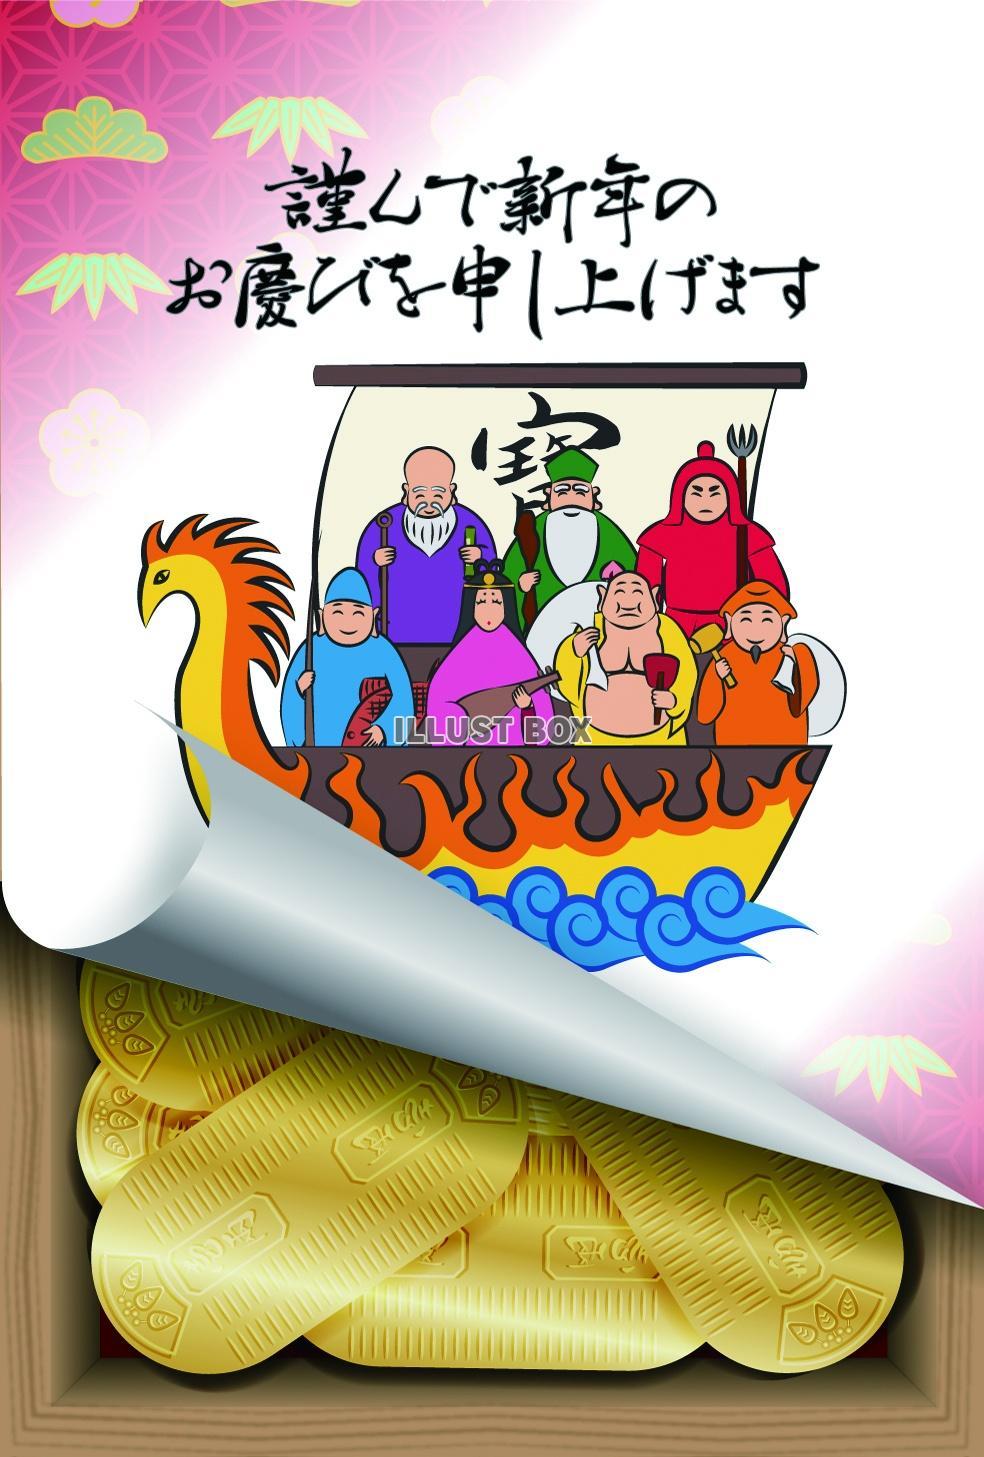 無料イラスト 年賀状テンプレート 七福神と火の鳥の宝船